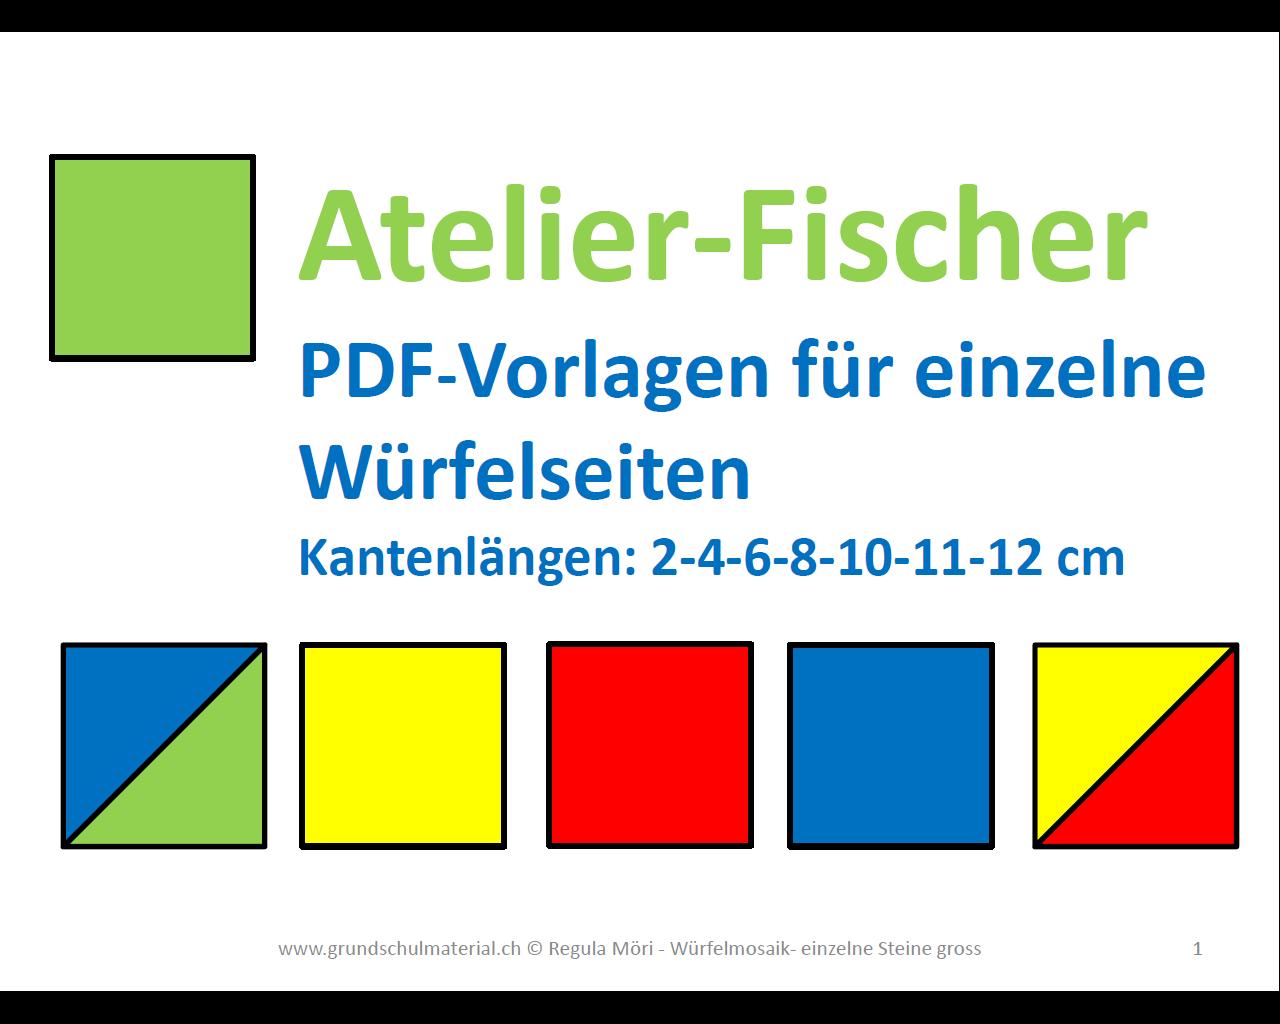 Ziemlich Große Würfel Vorlage Bilder - Beispiel Wiederaufnahme ...